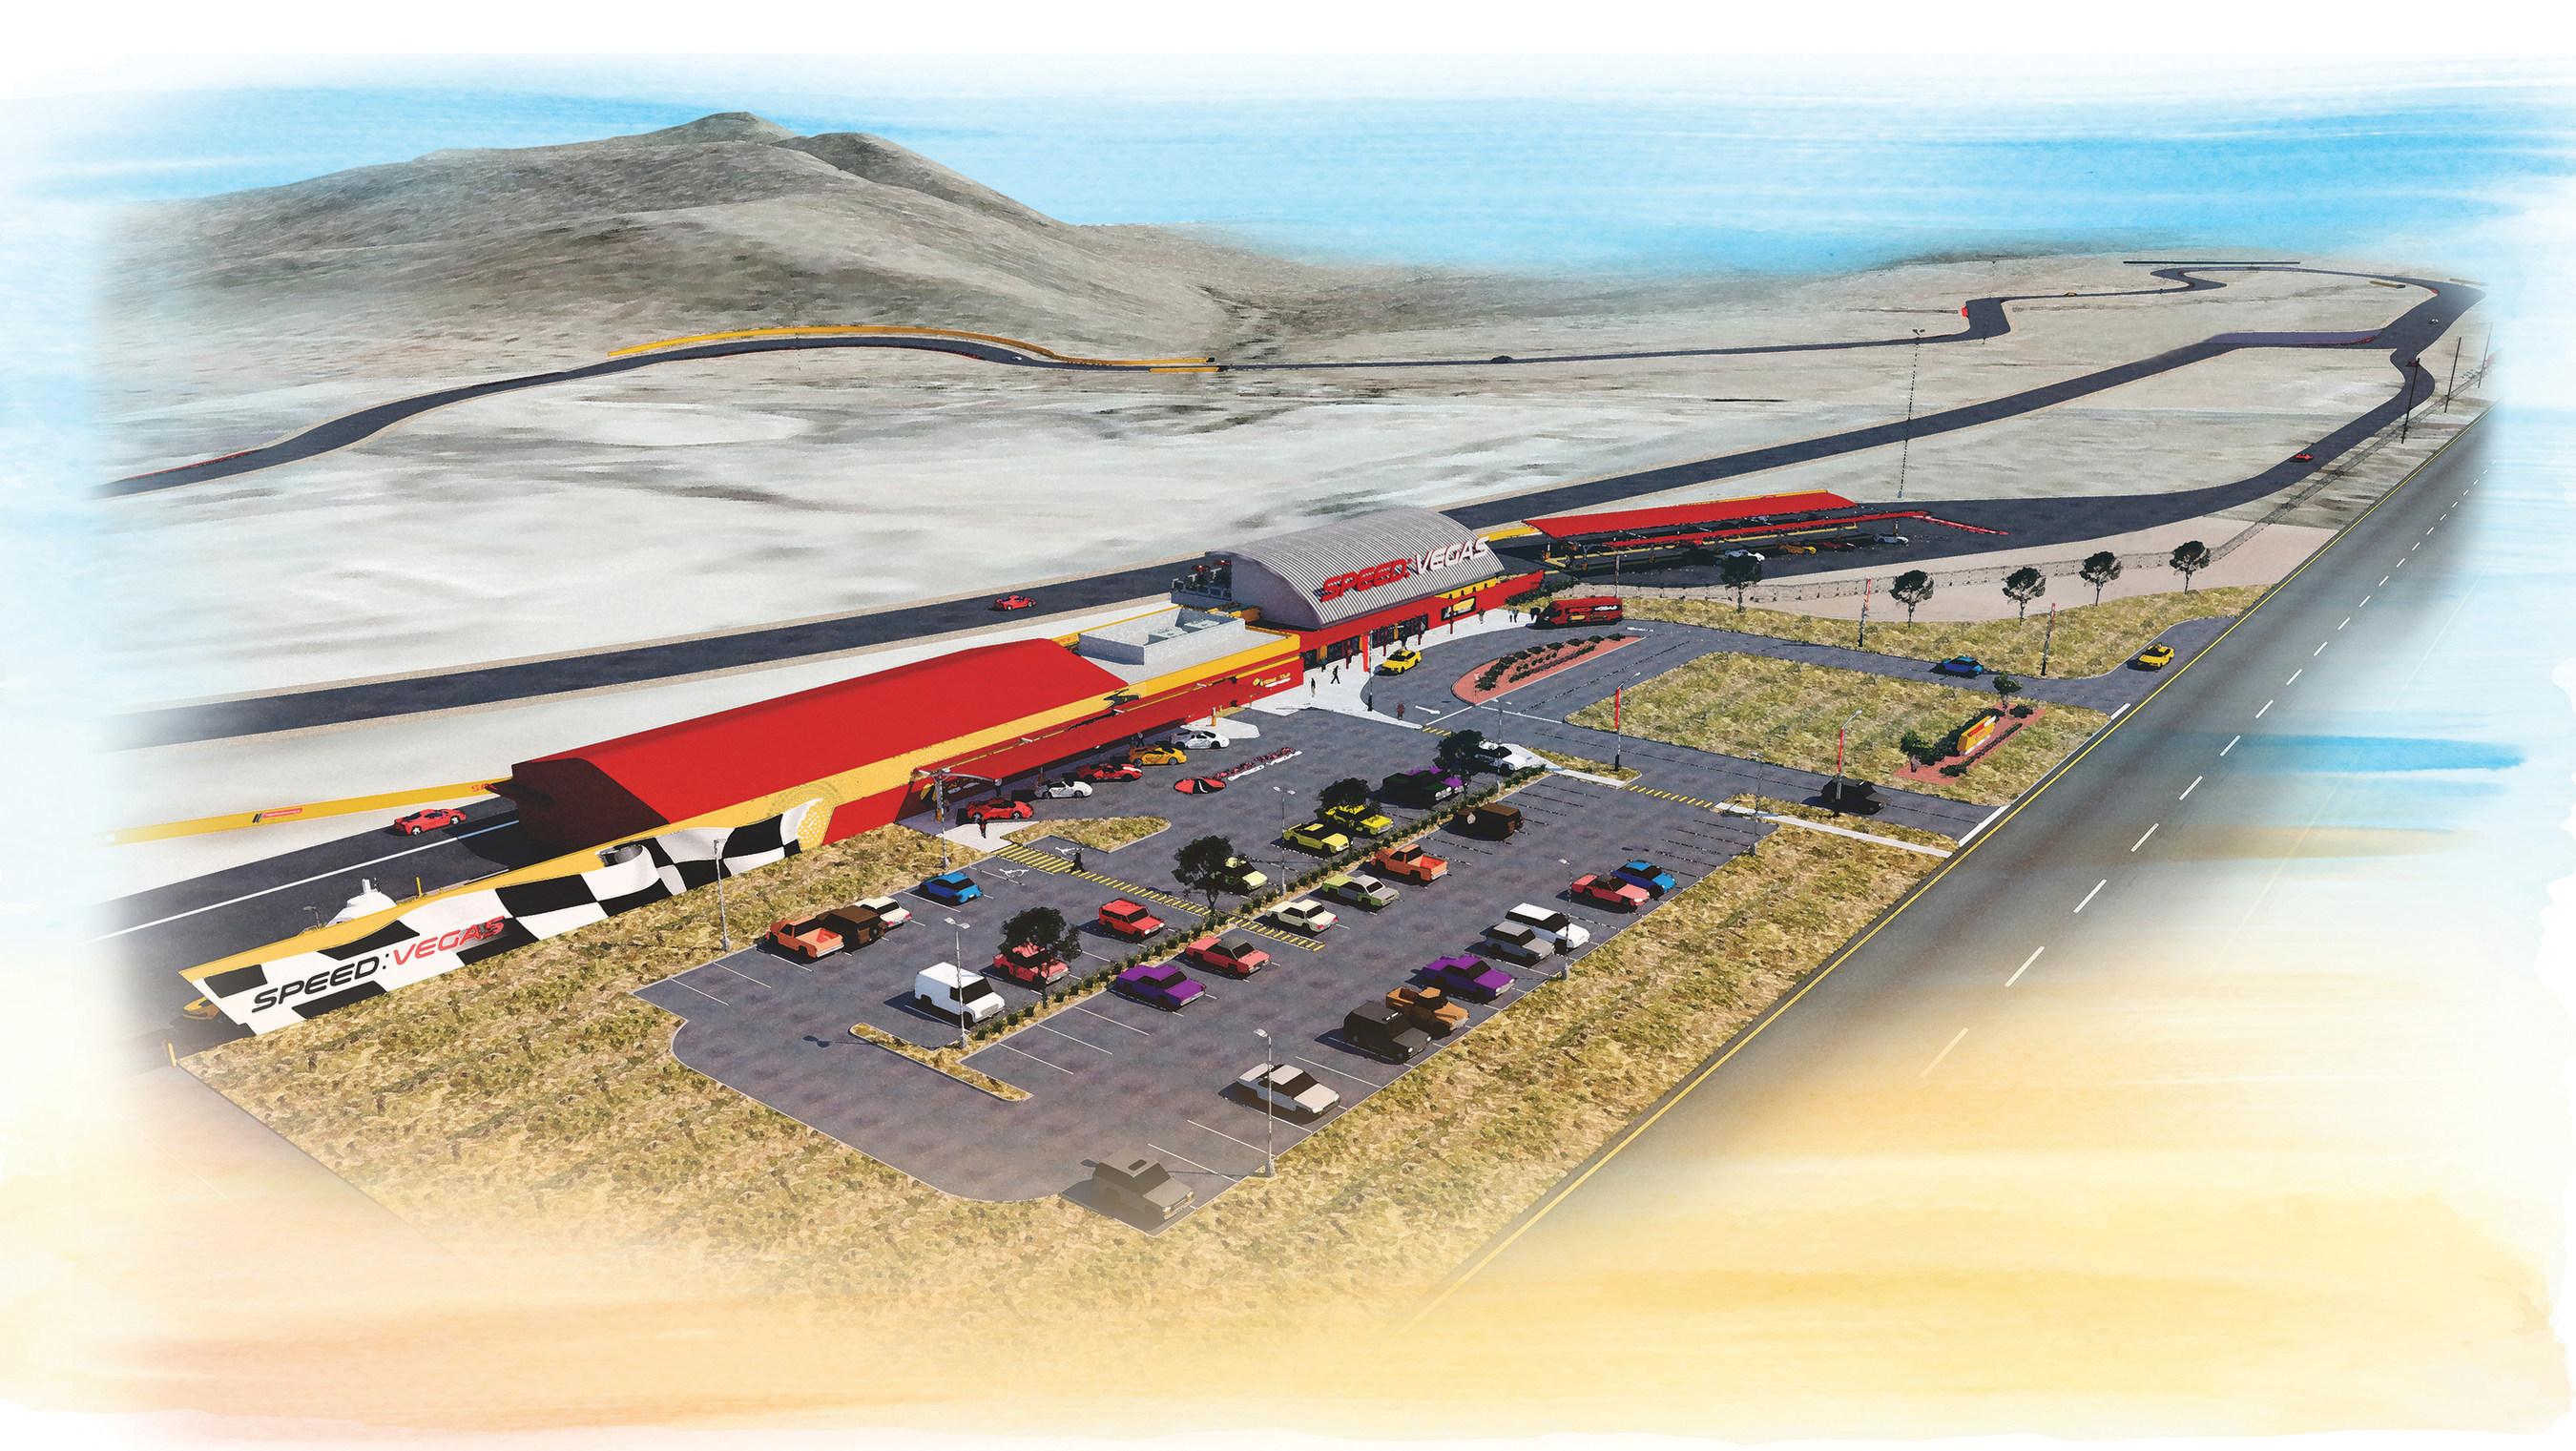 100 acres du South Las Vegas Blvd. seront transformées en SPEEDVEGAS, la toute nouvelle expérience